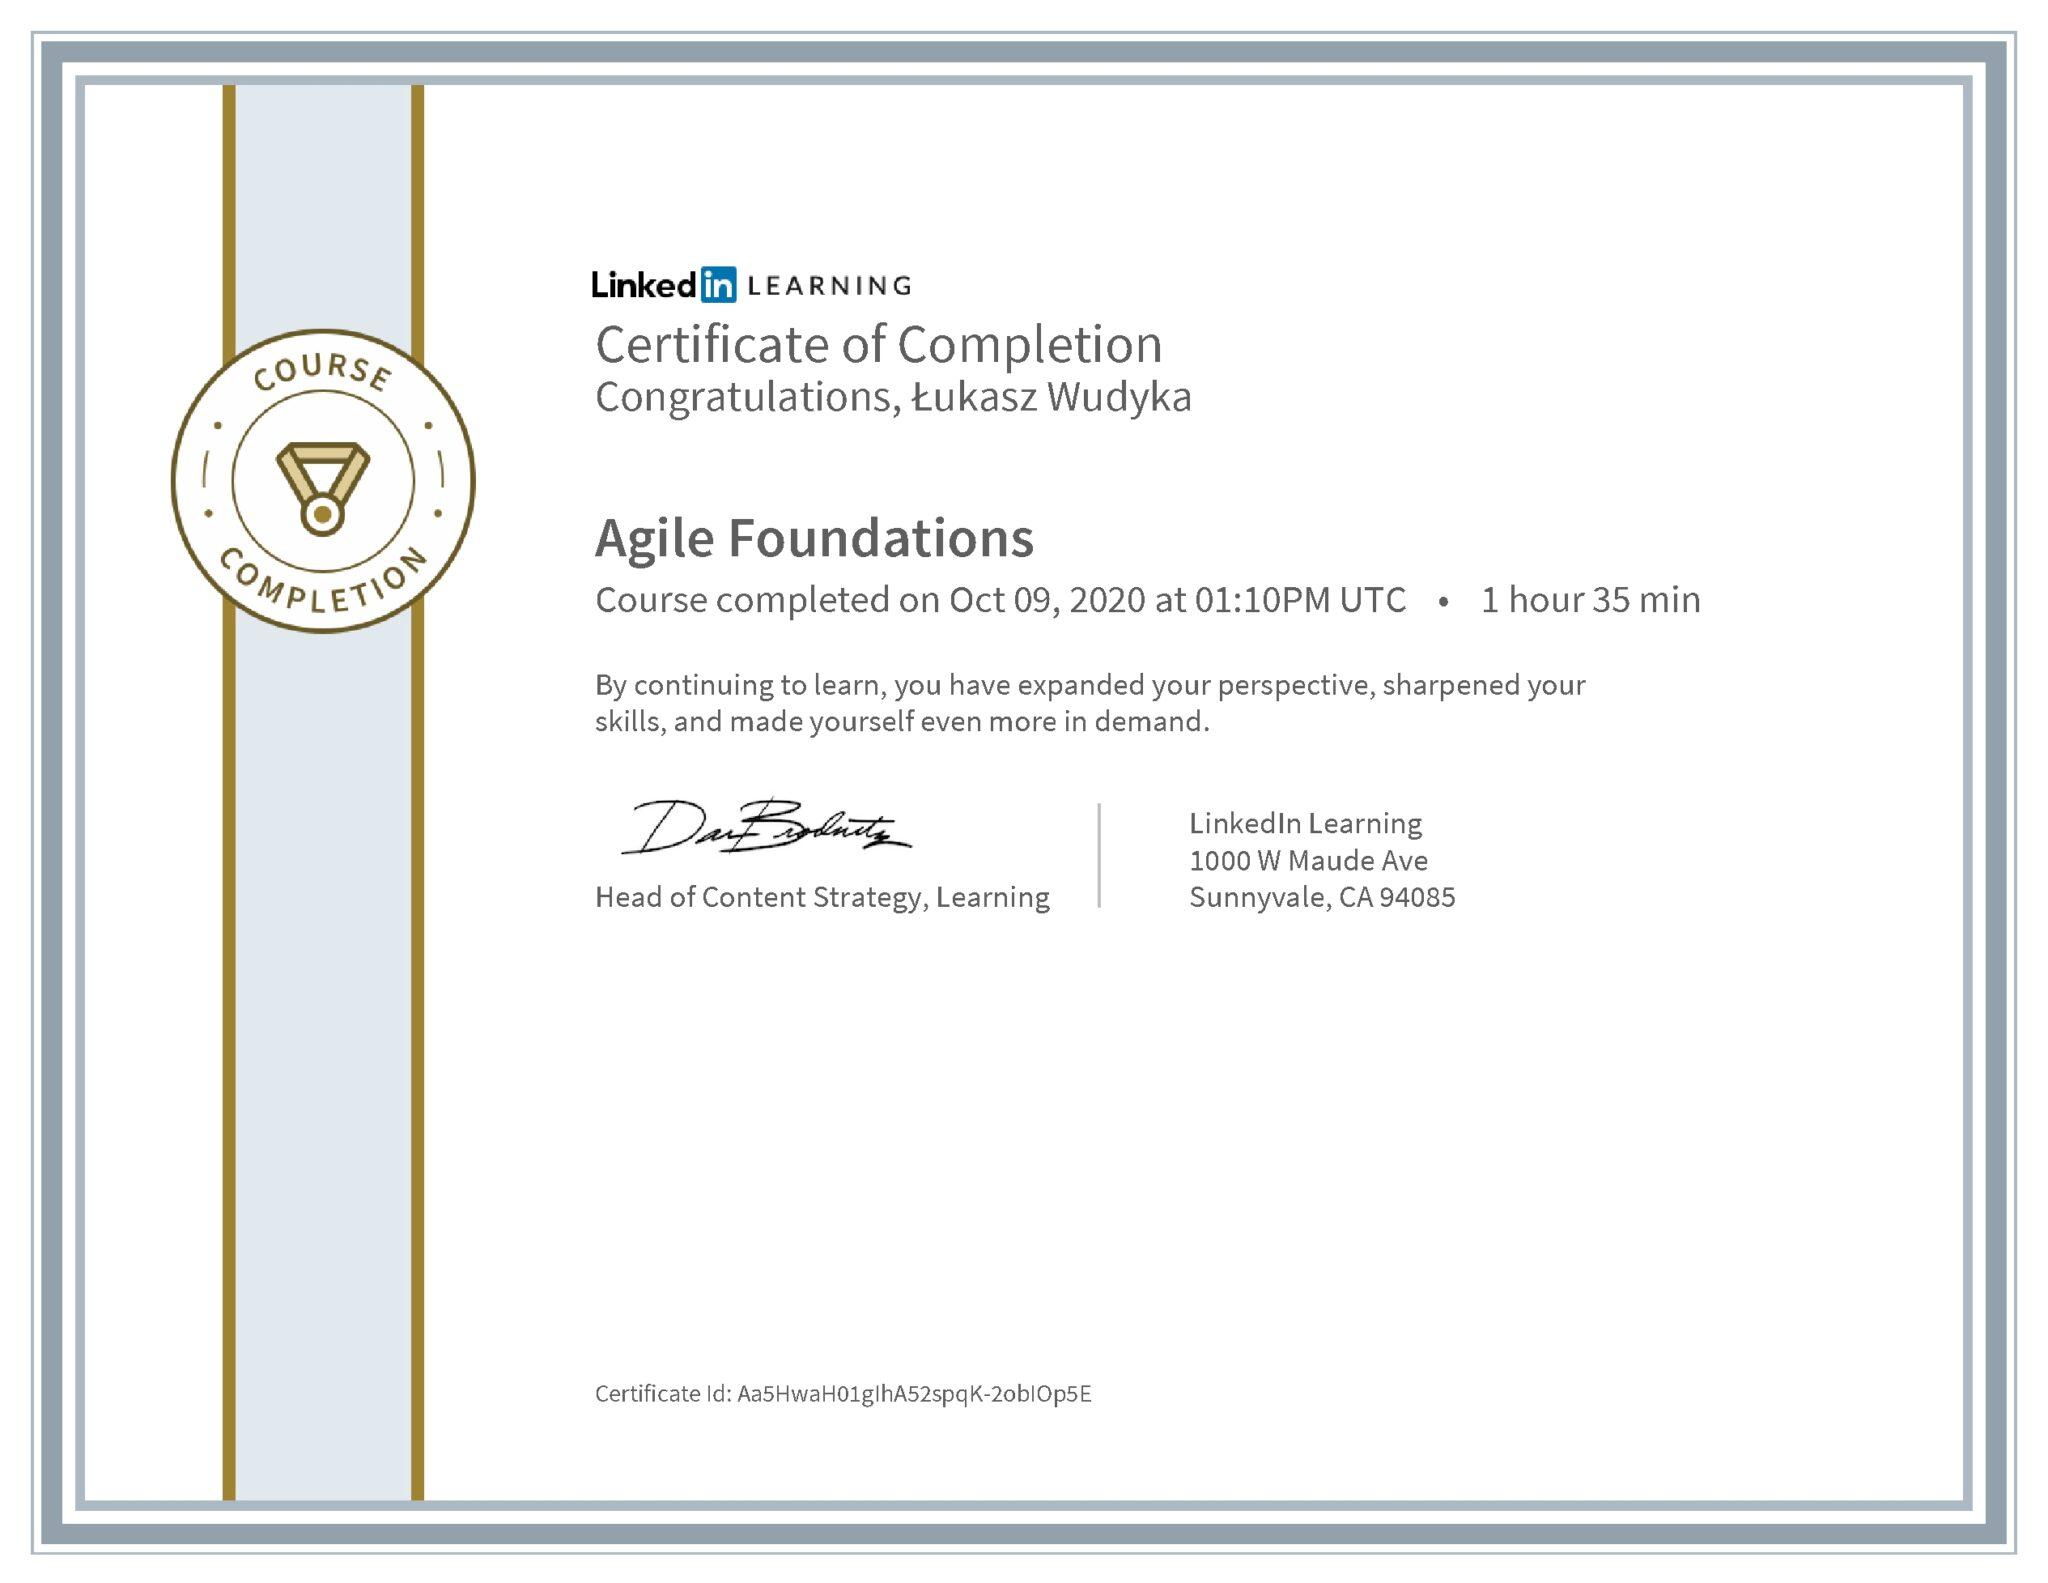 Łukasz Wudyka certyfikat LinkedIn Agile Foundations